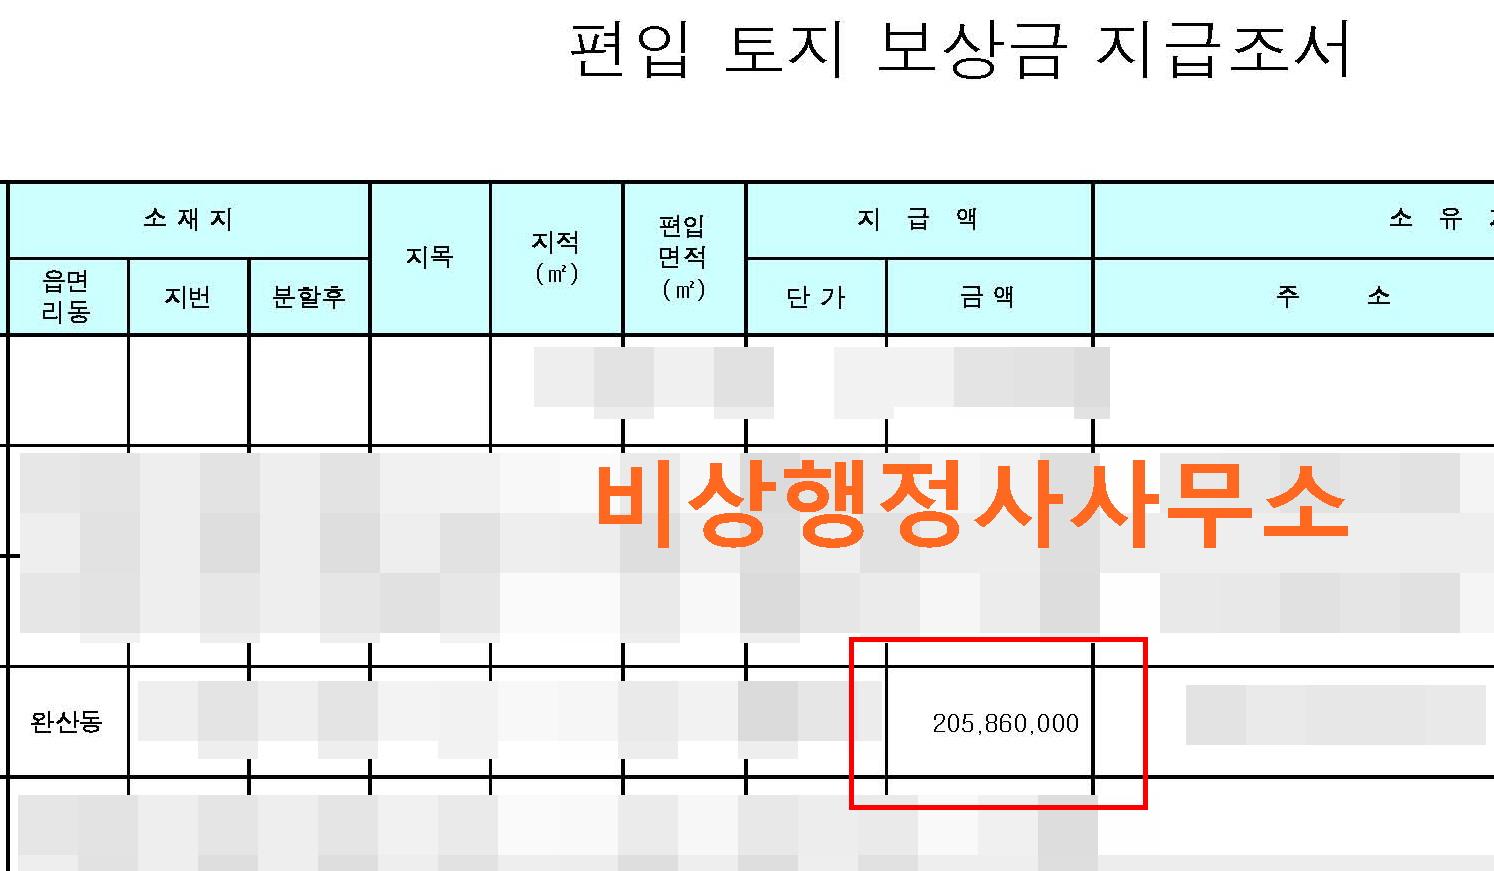 111재감정평가협의보상금(토지).jpg